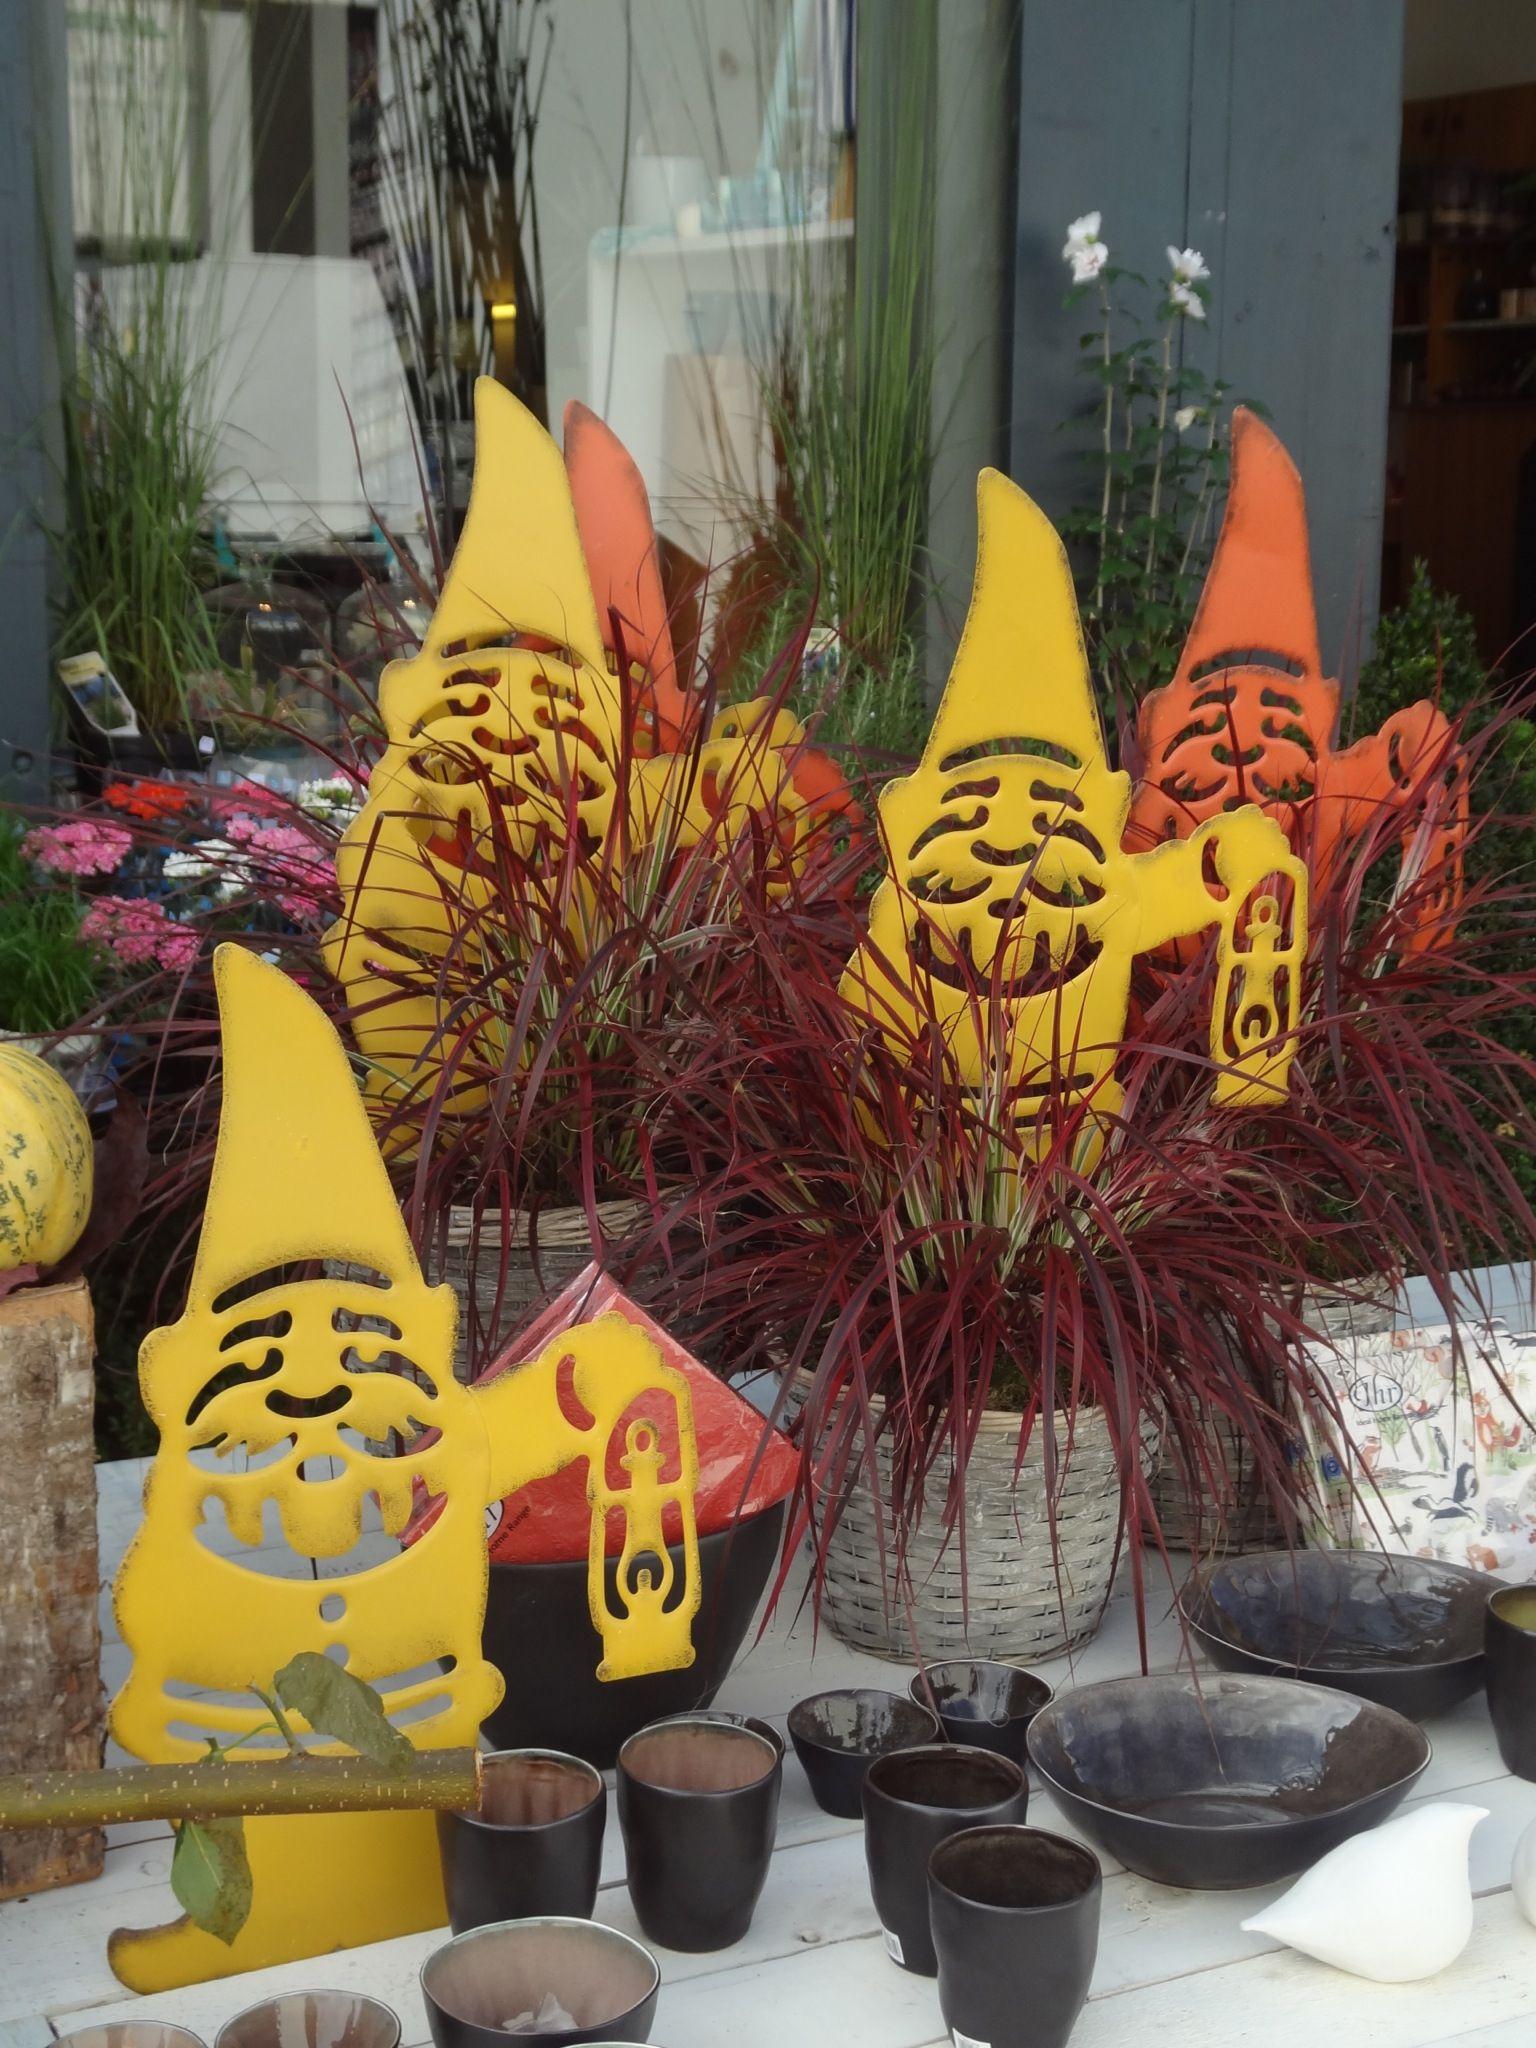 Herfst decoratie voor de tuin herfst decoratie for Decoratie herfst